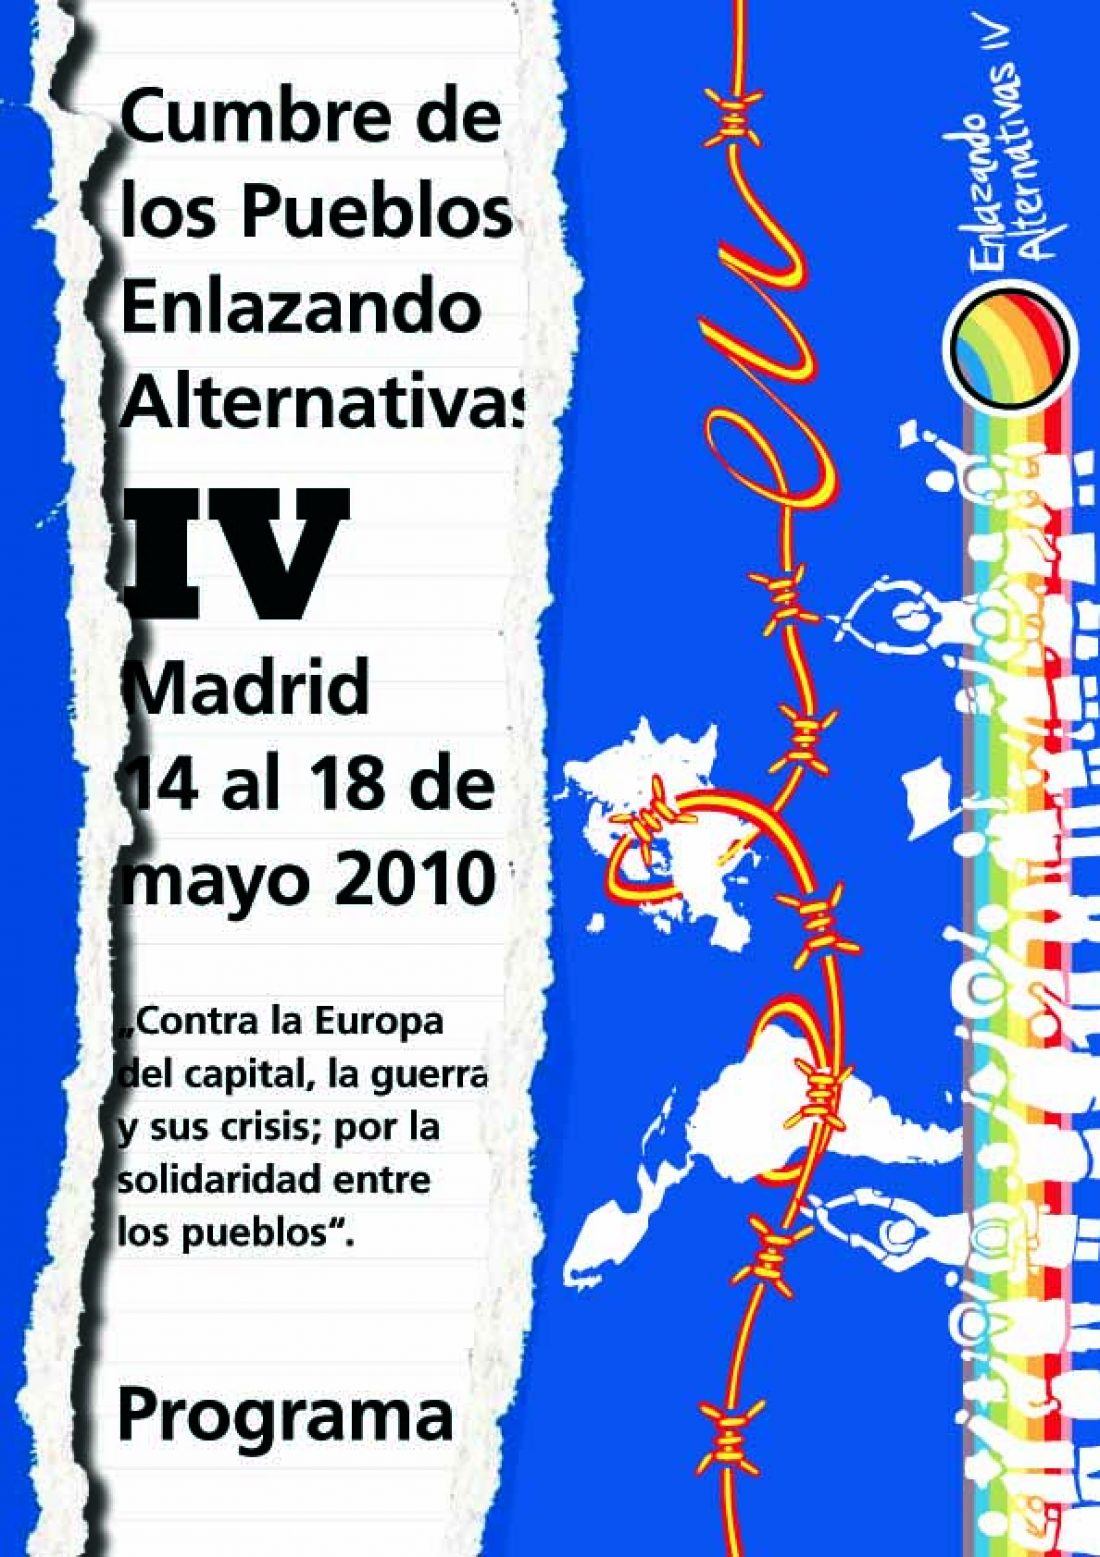 Madrid, 14-18 de Mayo: Cumbre de los Pueblos «Enlazando Alternativas»